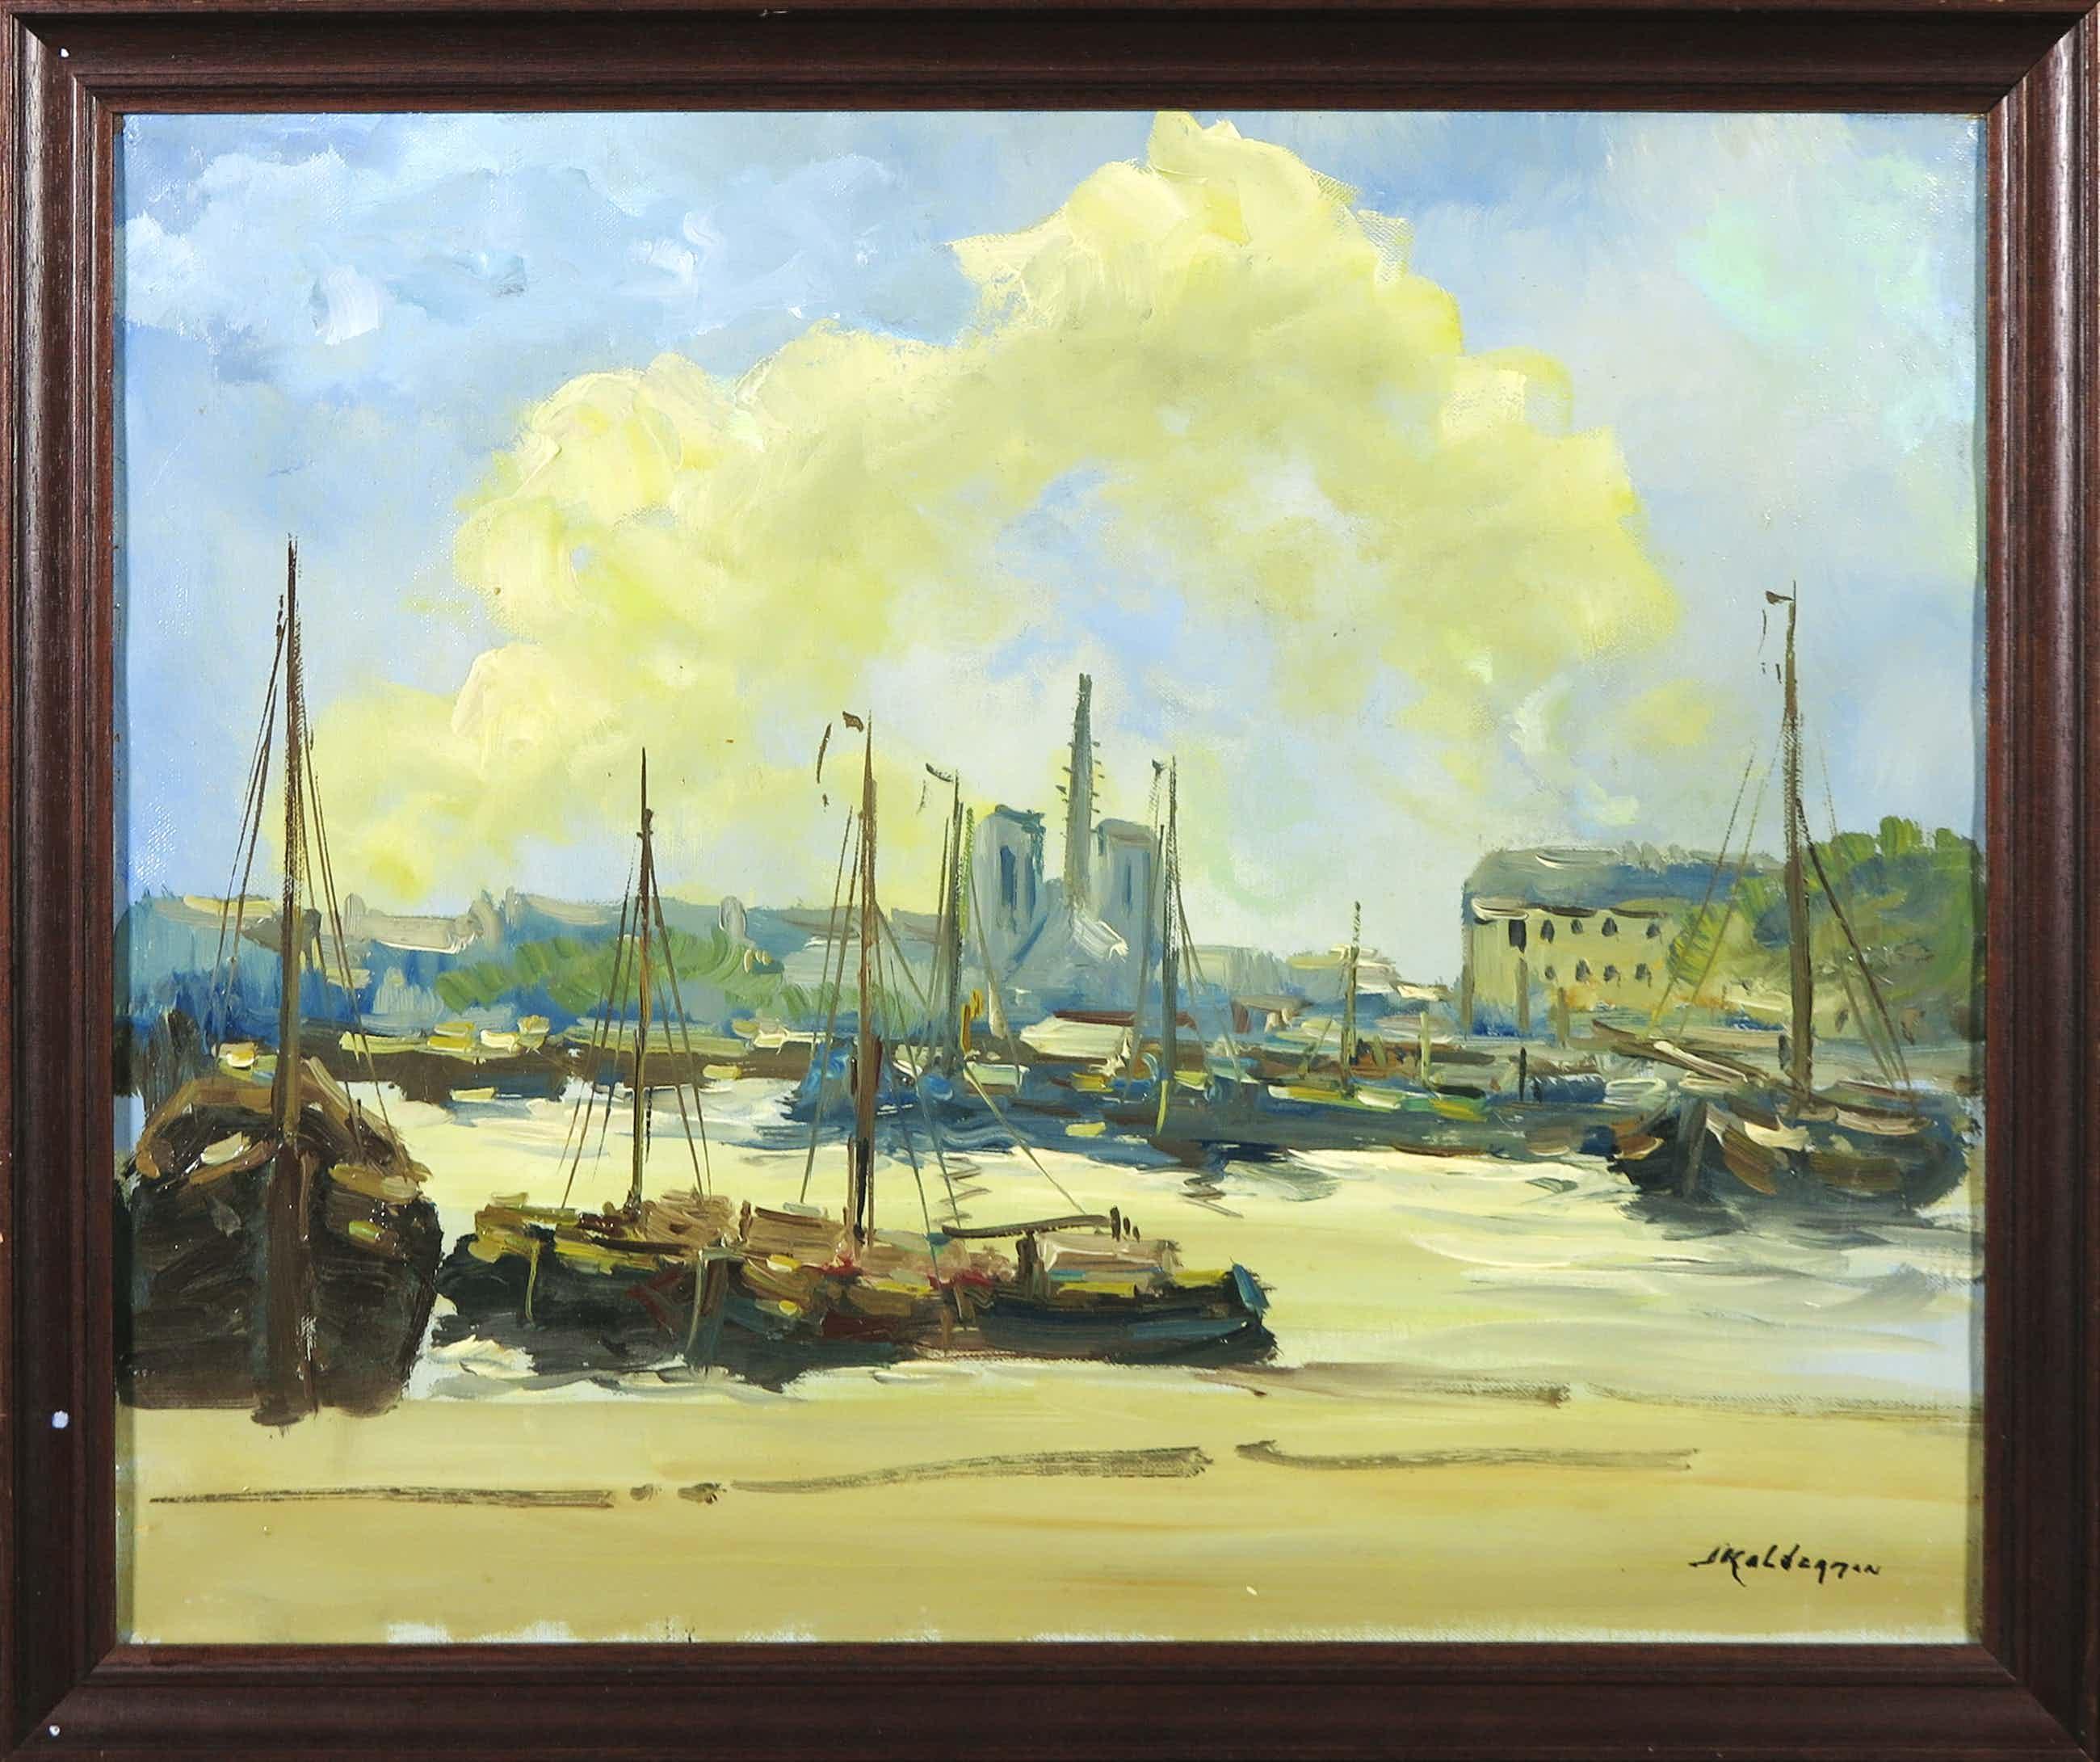 Jan Kelderman - Olieverf op doek, Gezicht op Parijs vanaf de Seine - Ingelijst kopen? Bied vanaf 40!